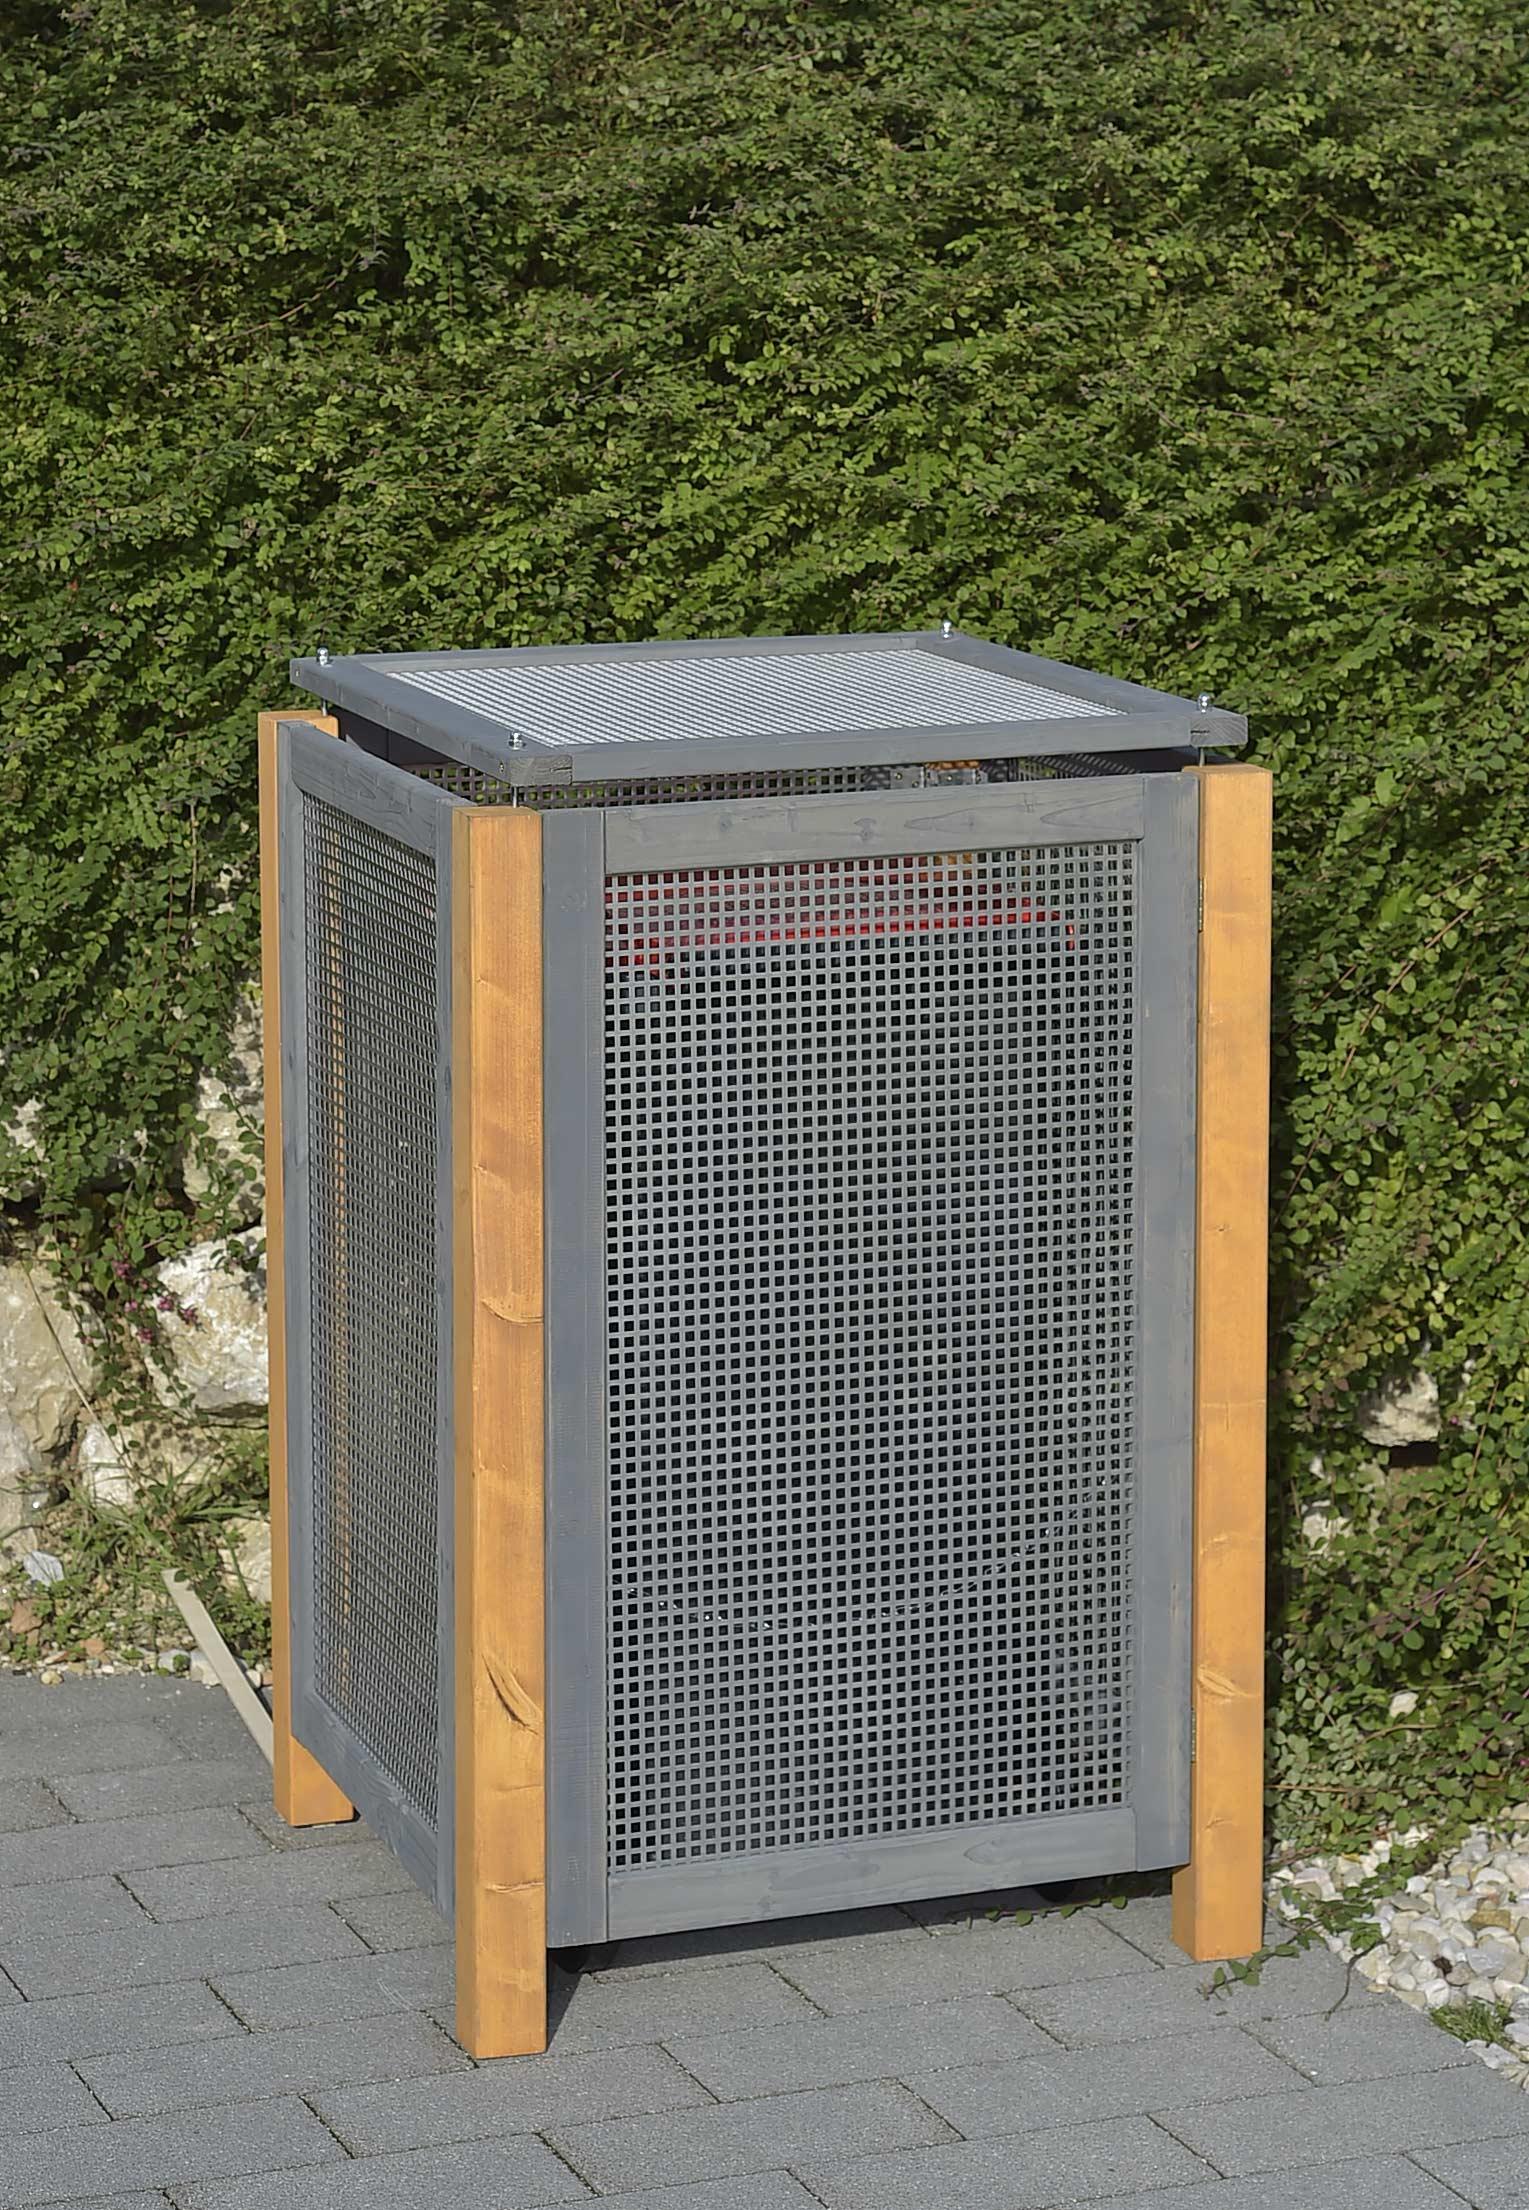 Holz / Alu Mülltonnenbox Kirchdorf für 1x Mülltonnen 240Liter Bild 1